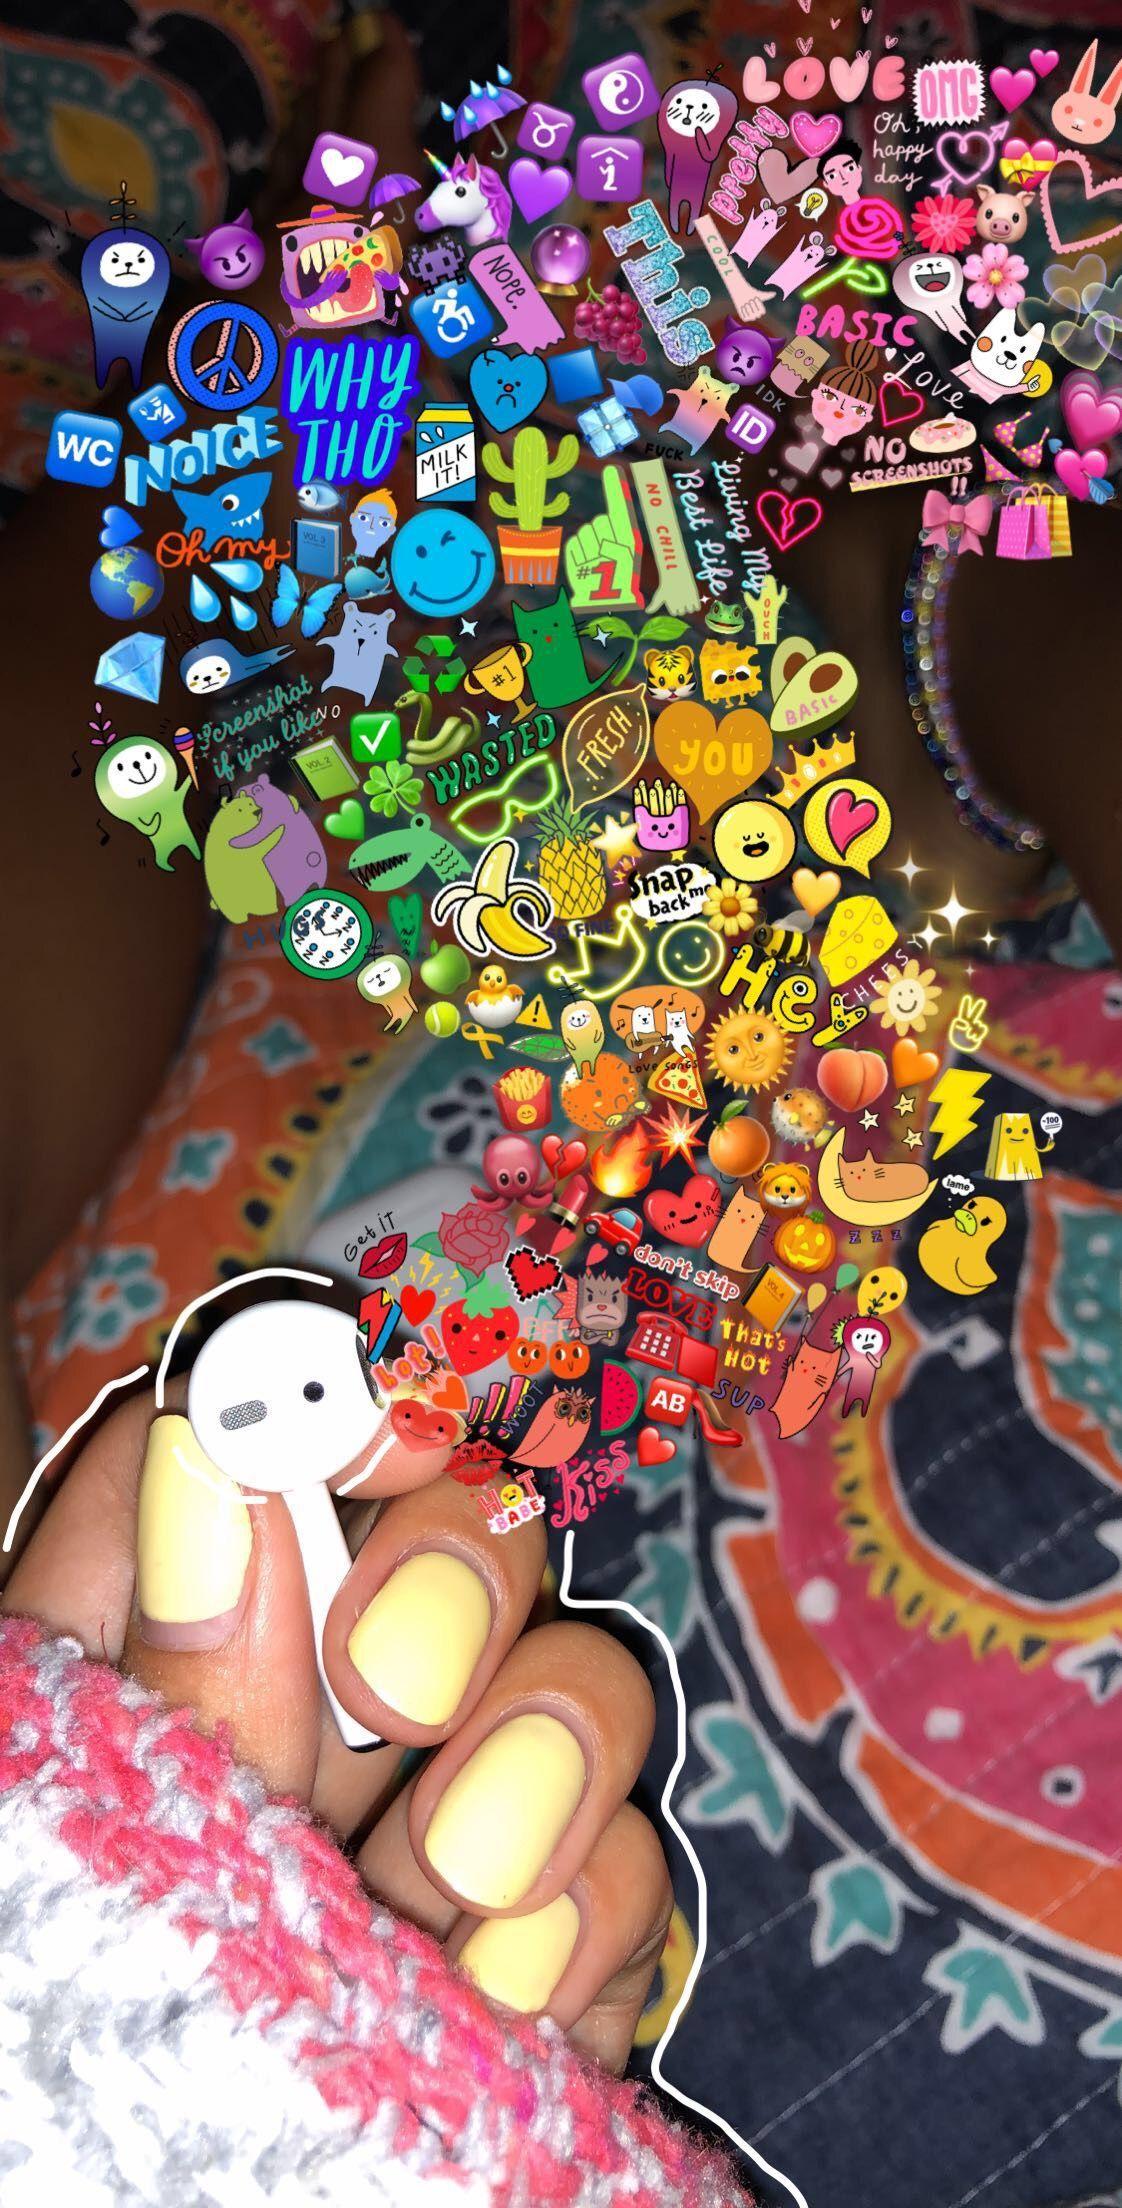 Aesthetic Emoji Wallpapers Wallpaper Cave